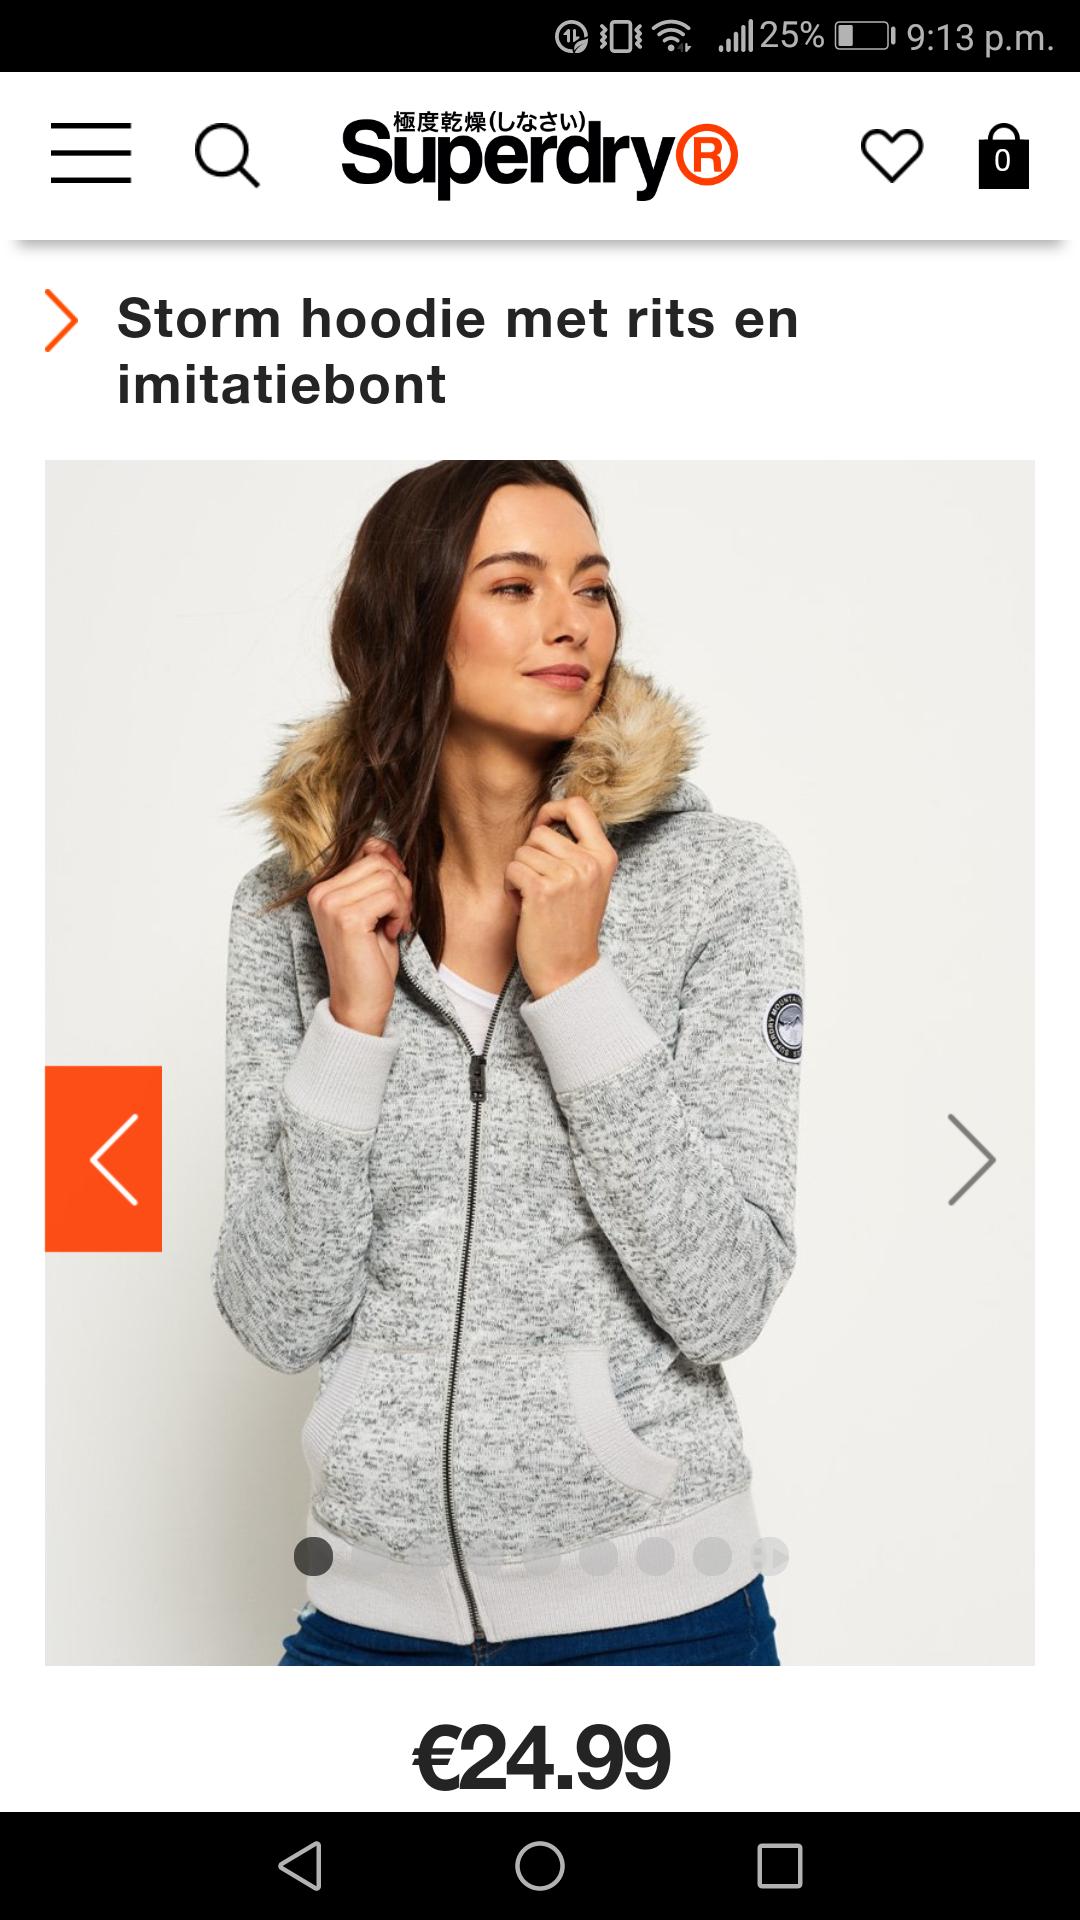 Superdry Storm hoodie maat XS, S,